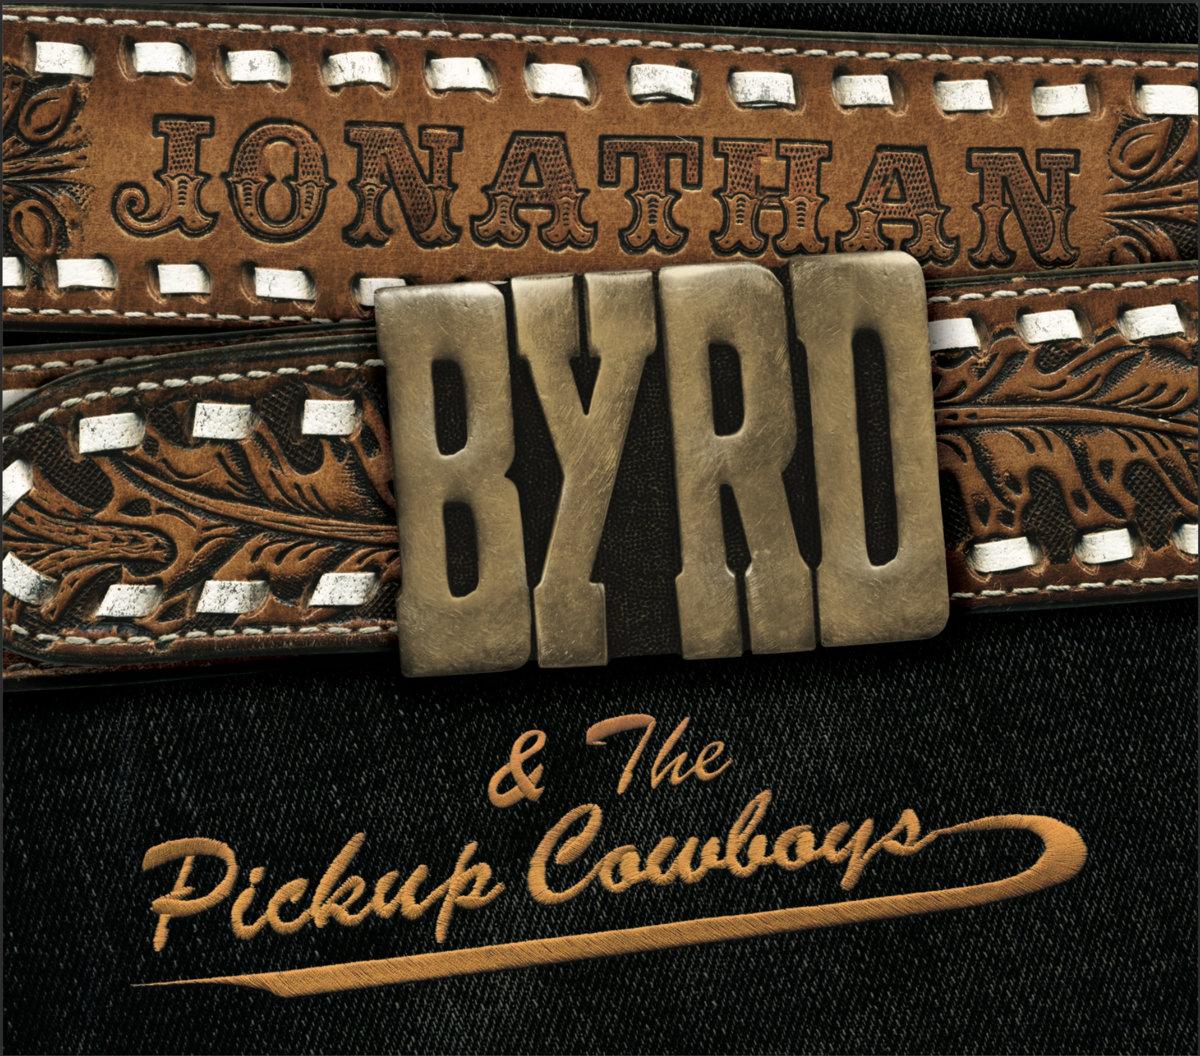 Pickup Cowboy - 2018